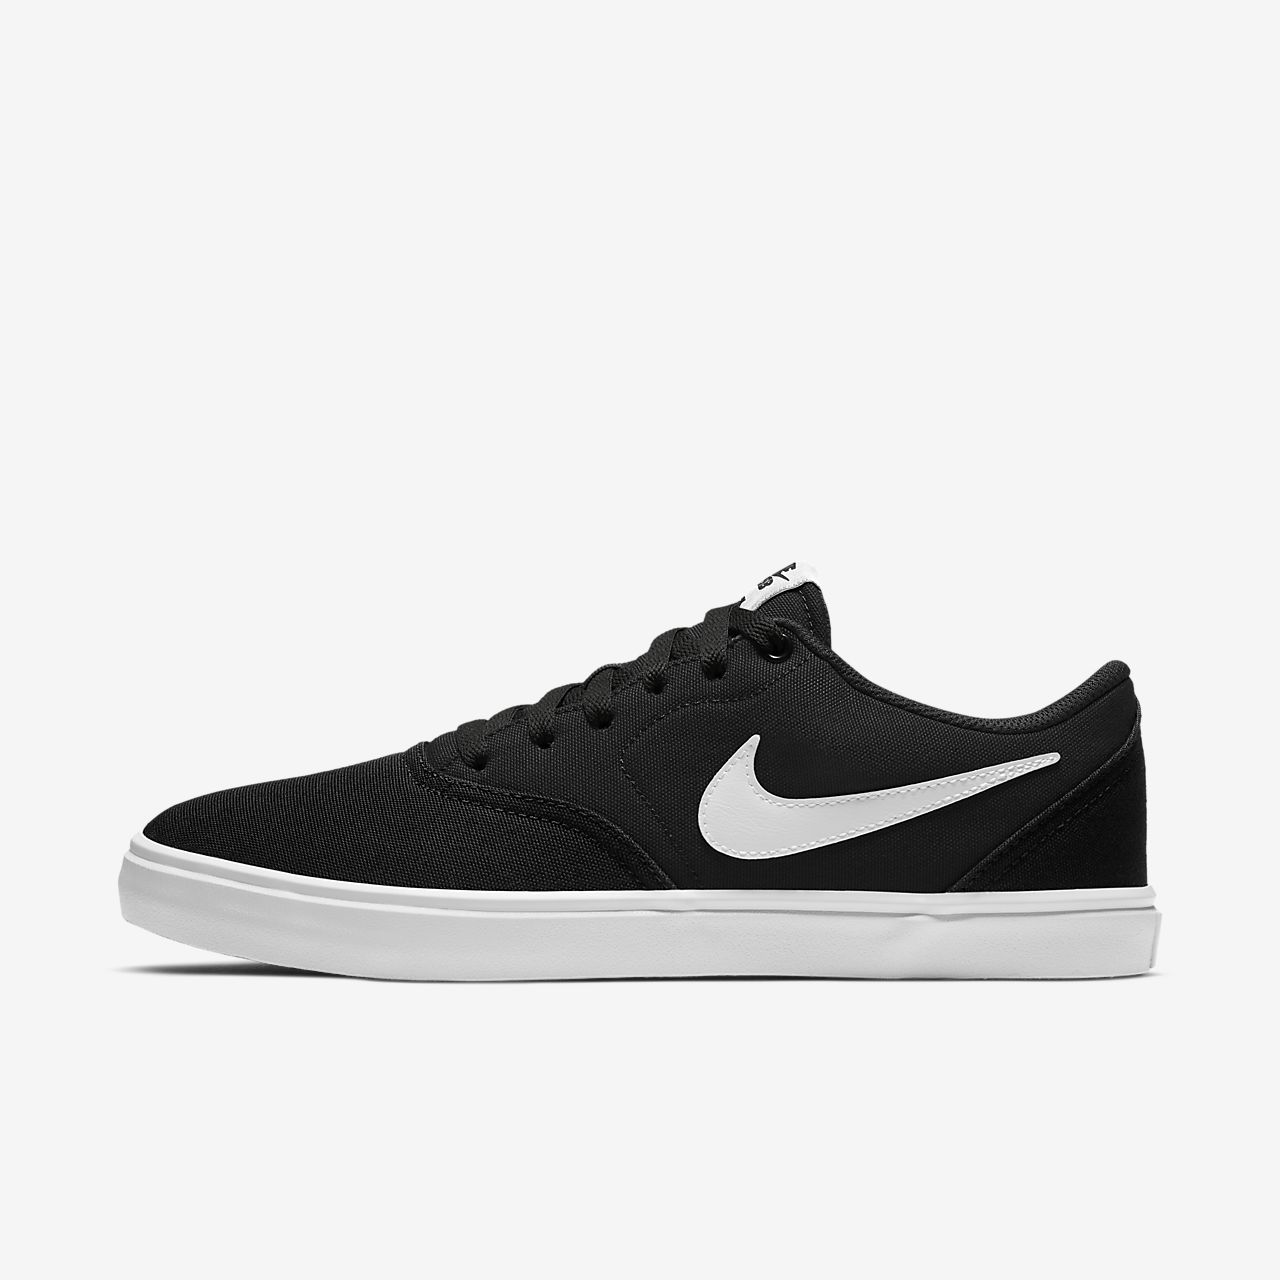 najlepsza wartość delikatne kolory dobry Męskie buty do skateboardingu Nike SB Check Solarsoft Canvas